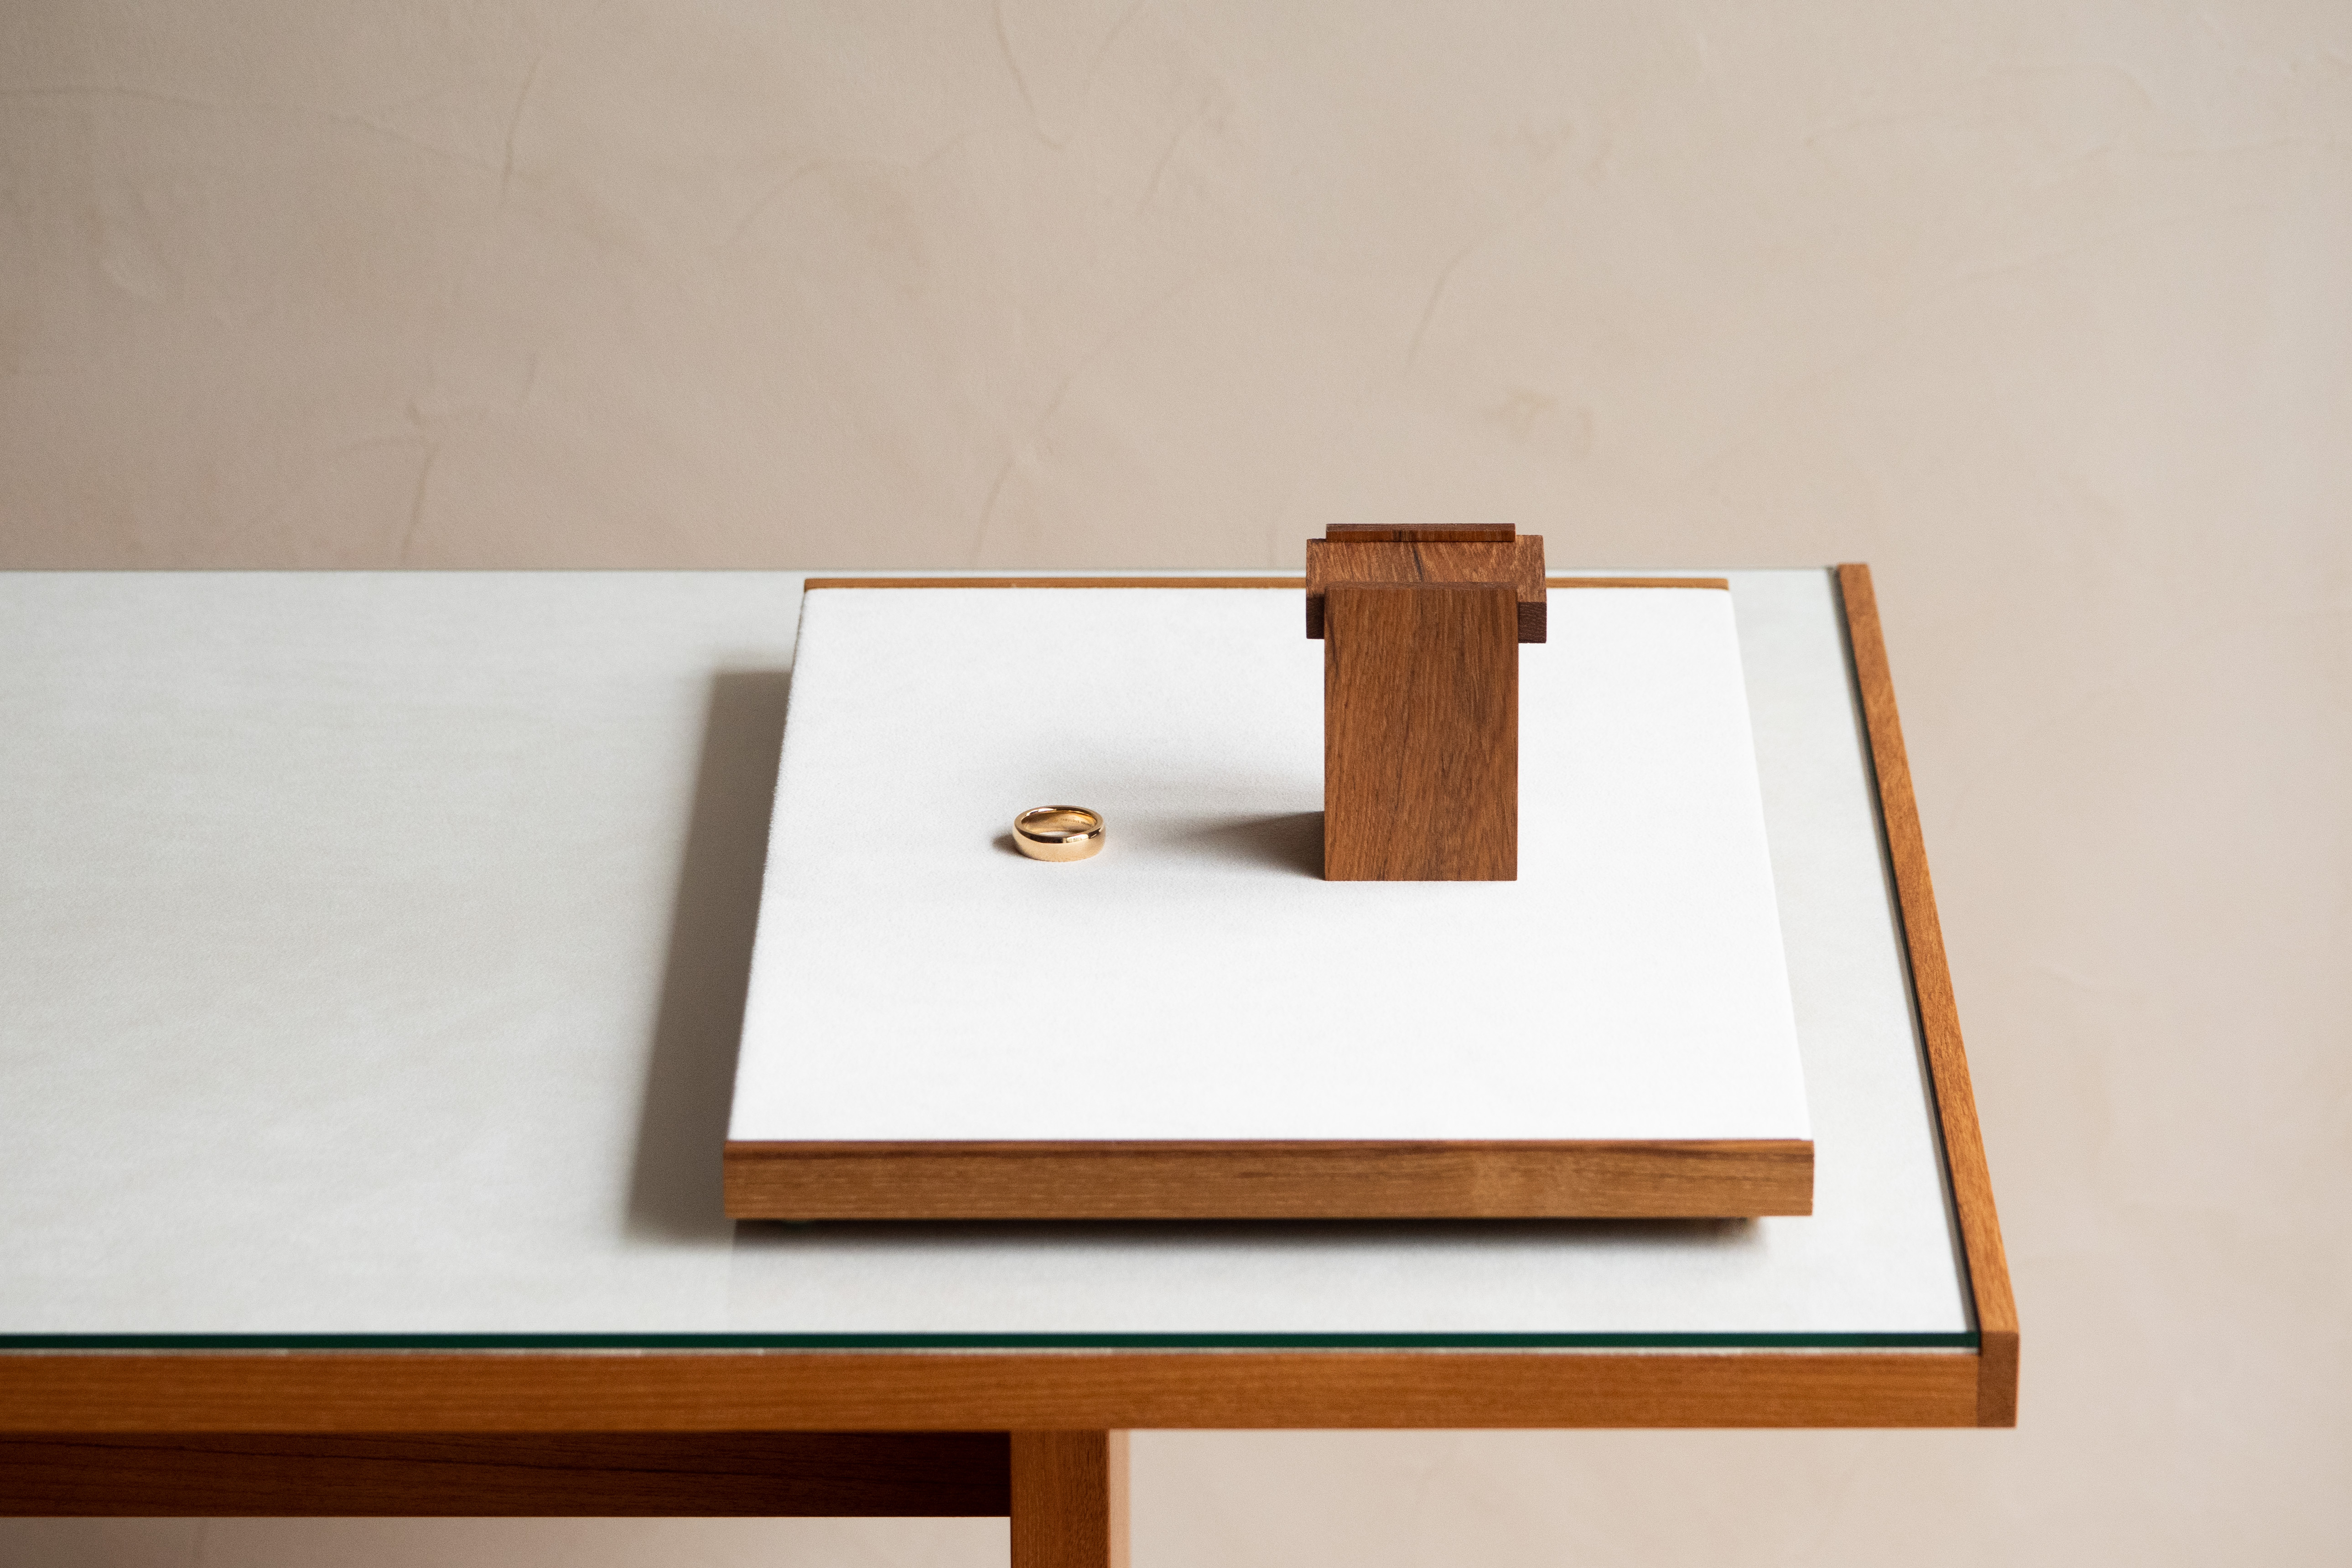 オリジナルリングの箱と刻印